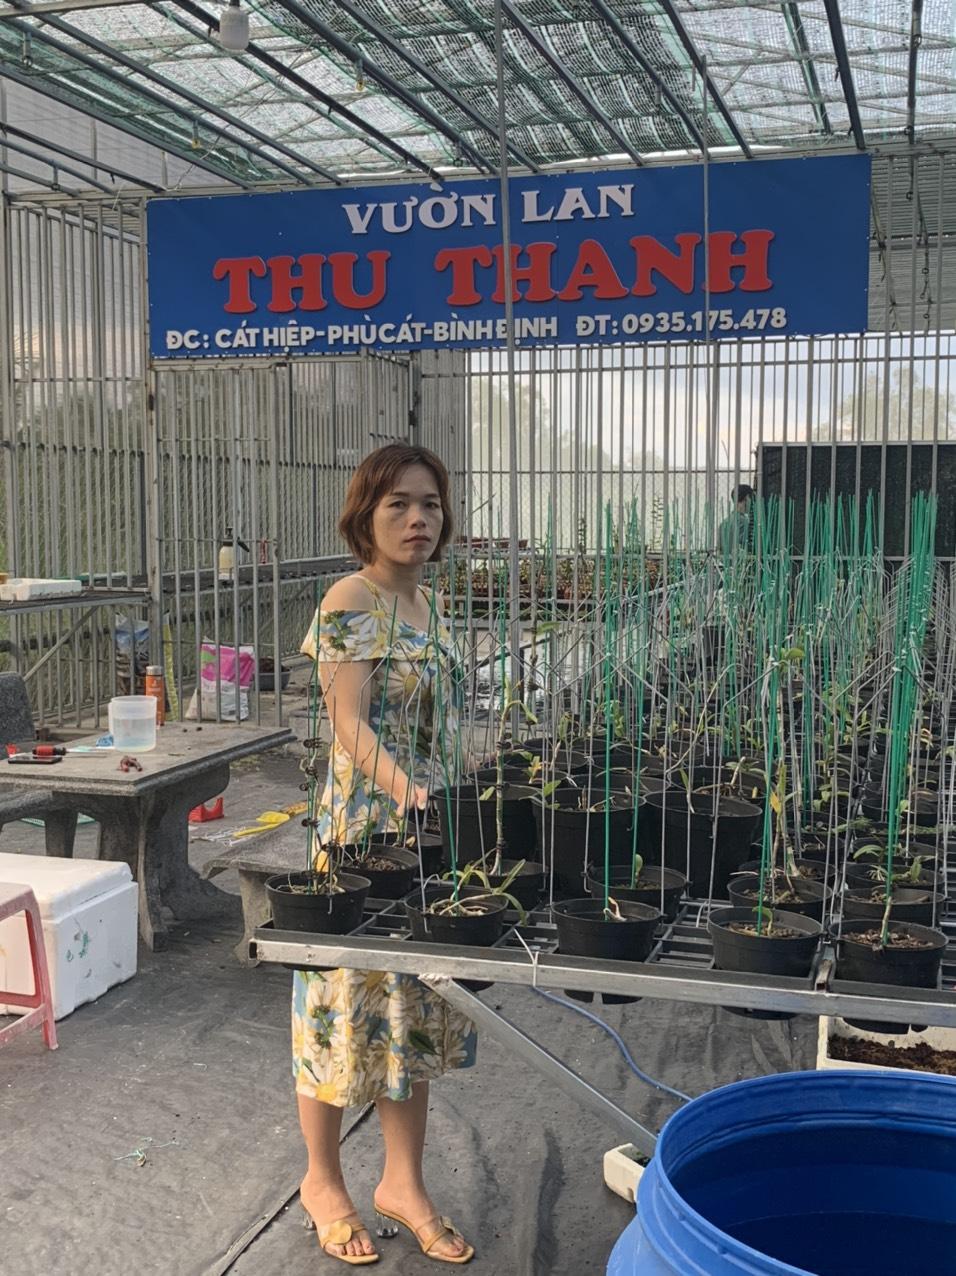 Bà chủ vườn lan Thu Thanh: Quyết tâm chinh phục loài lan kiêu kỳ - Ảnh 1